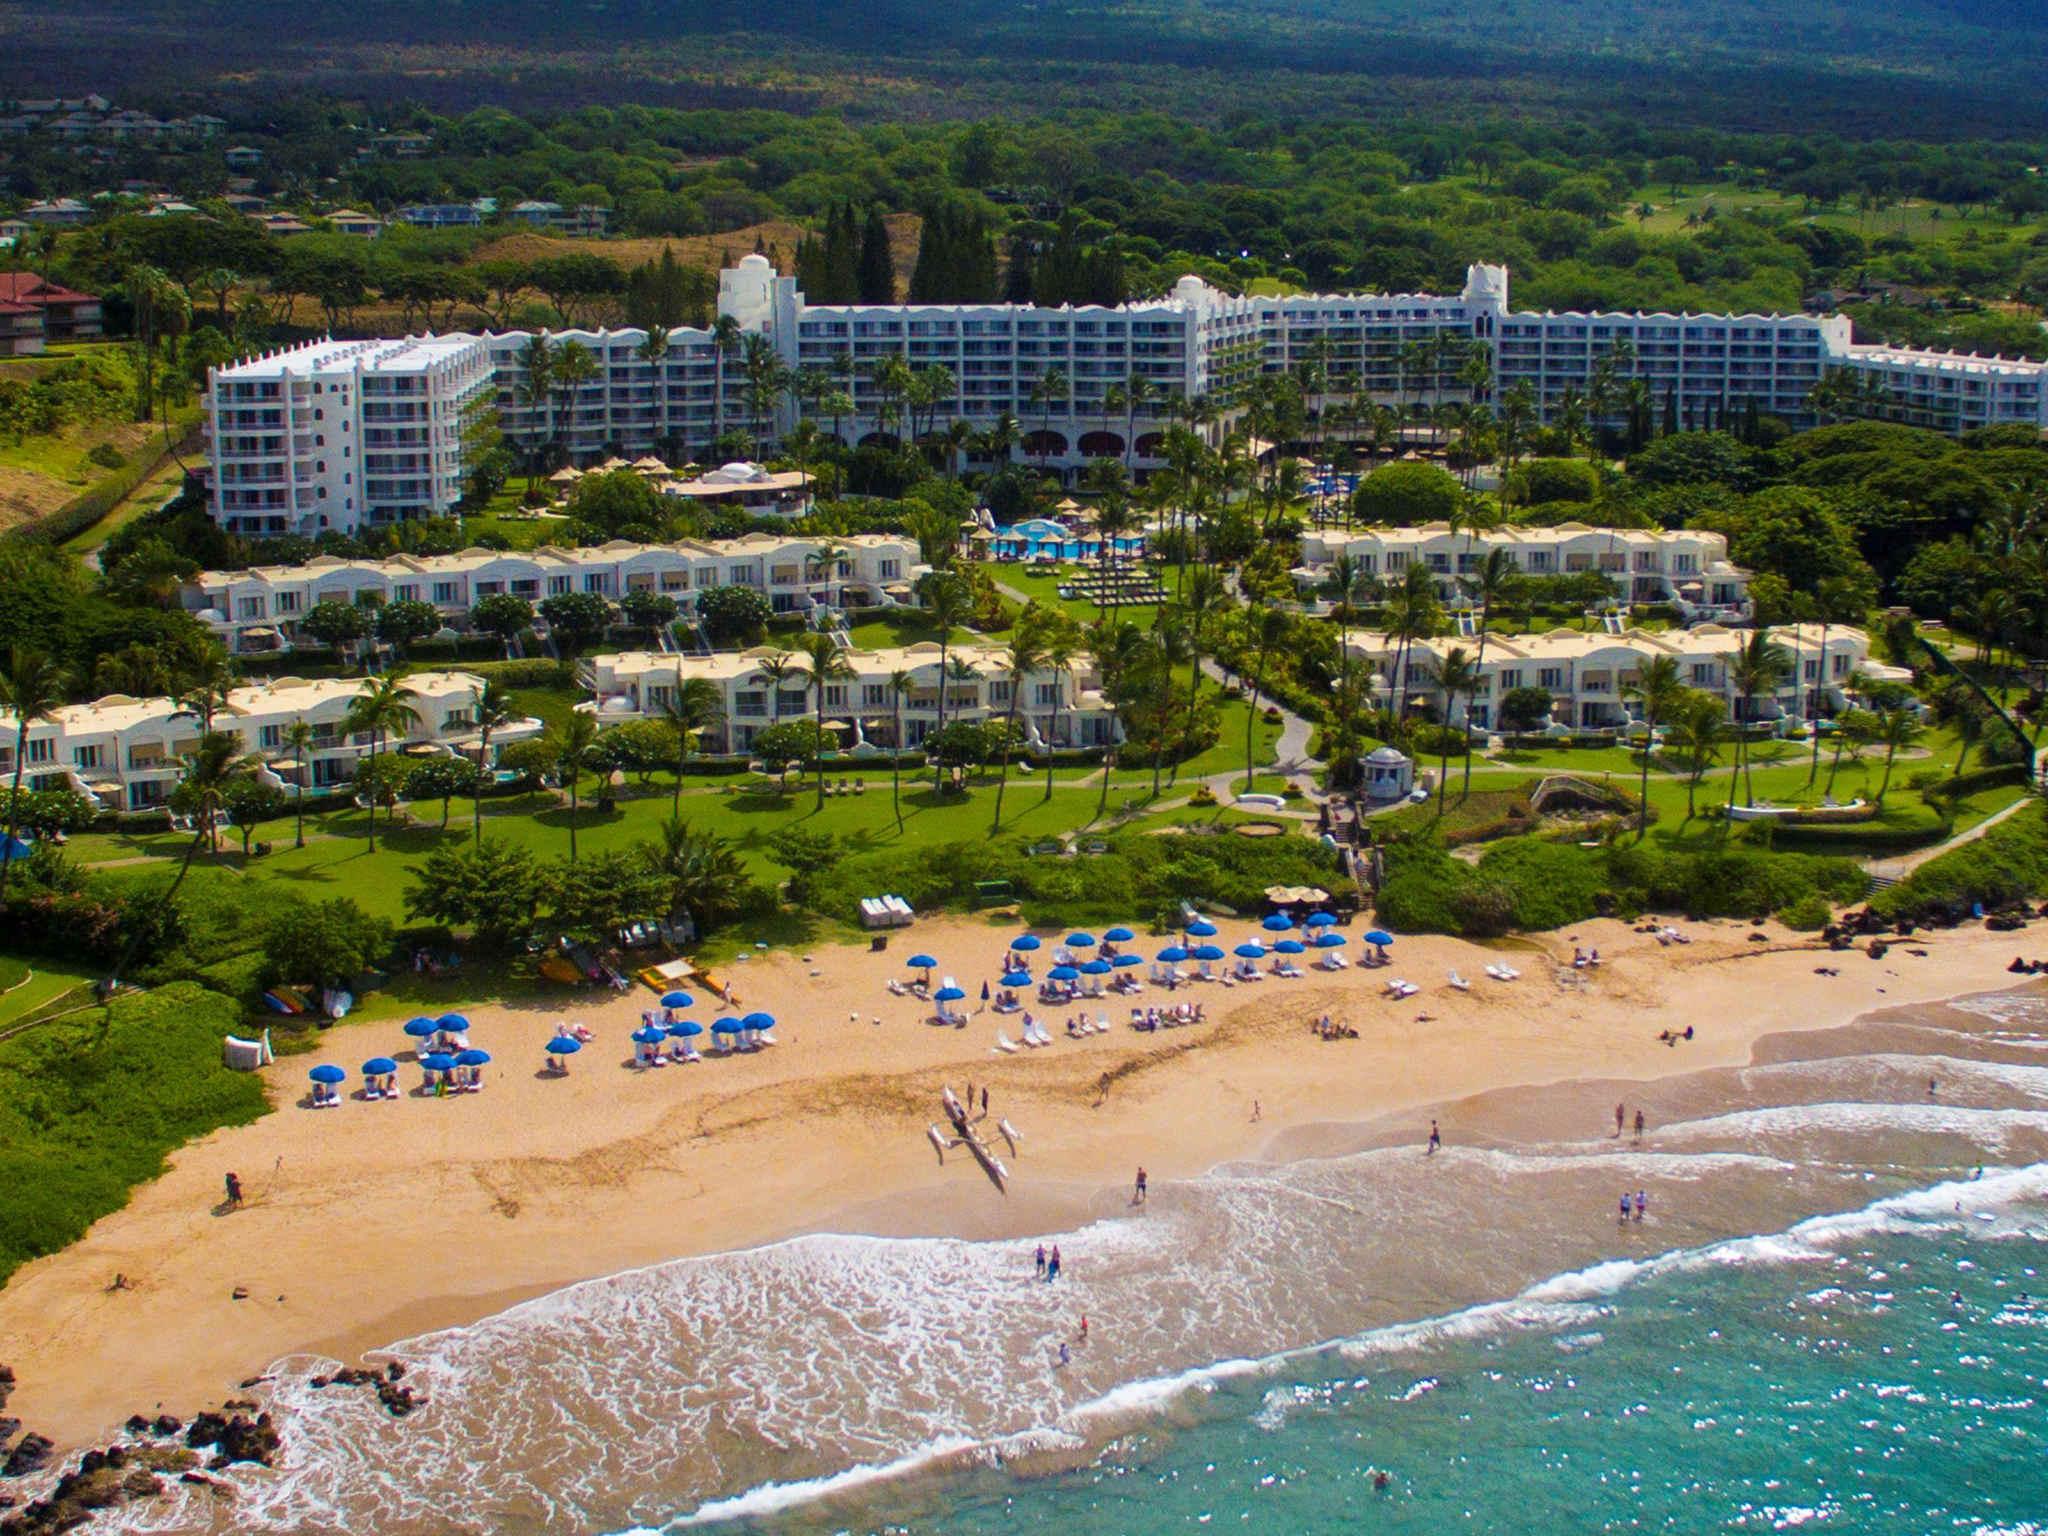 Otel – Fairmont Kea Lani - Maui